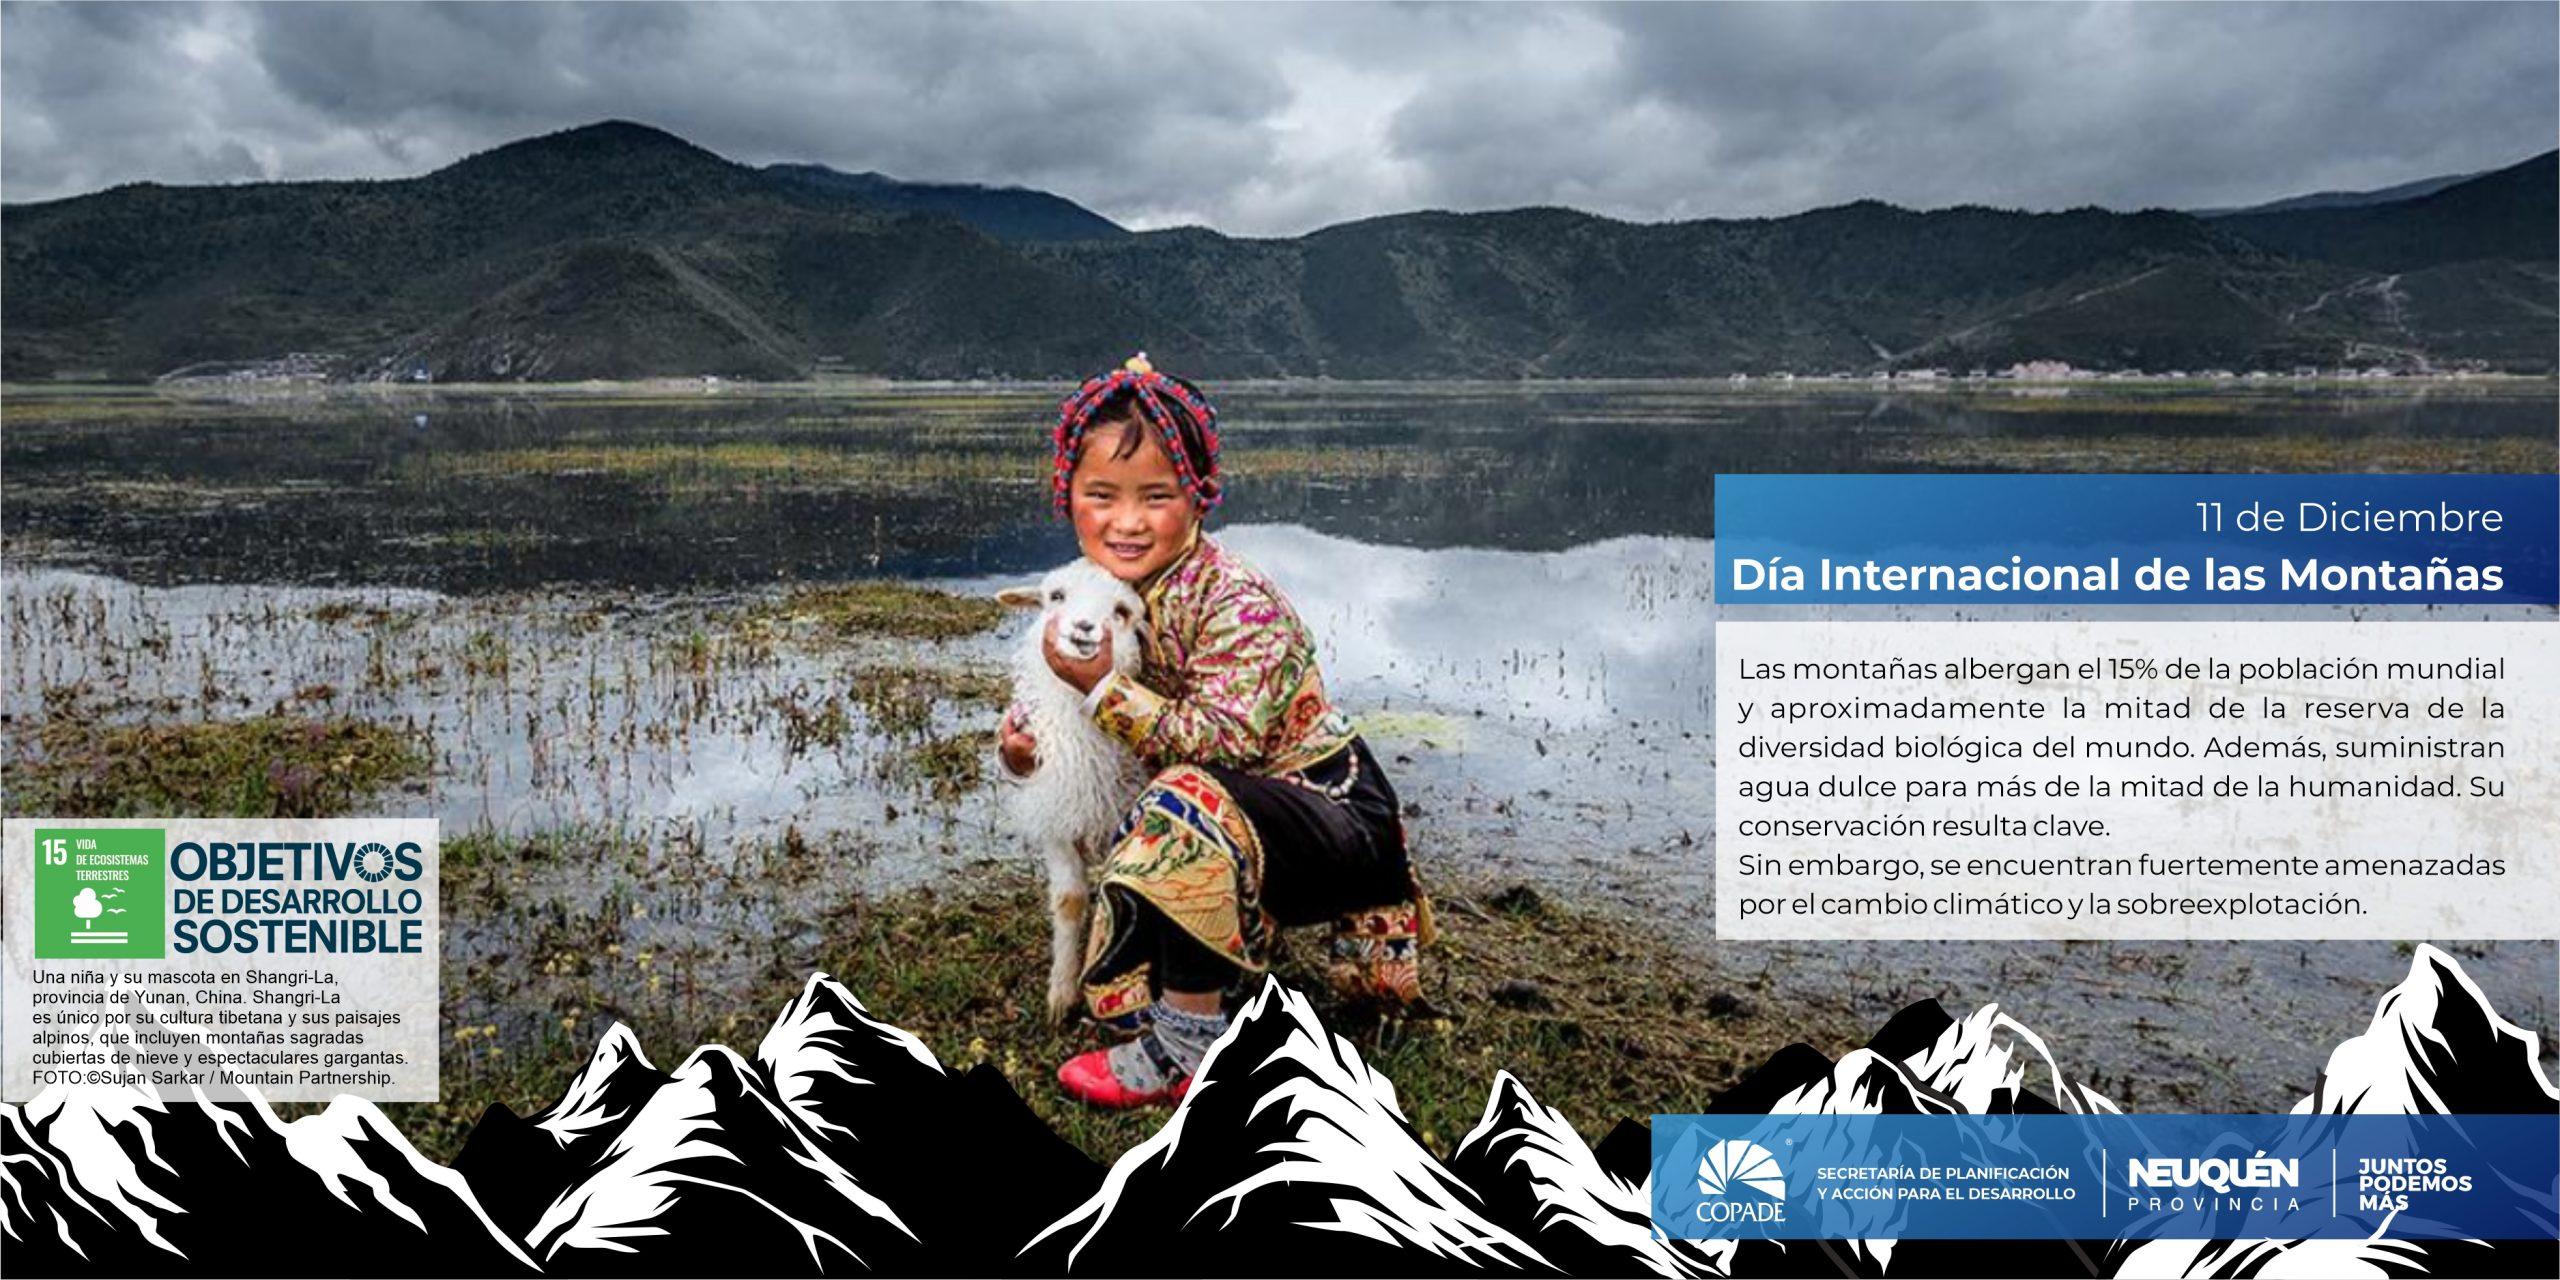 11 de diciembre | Día Internacional de las montañas